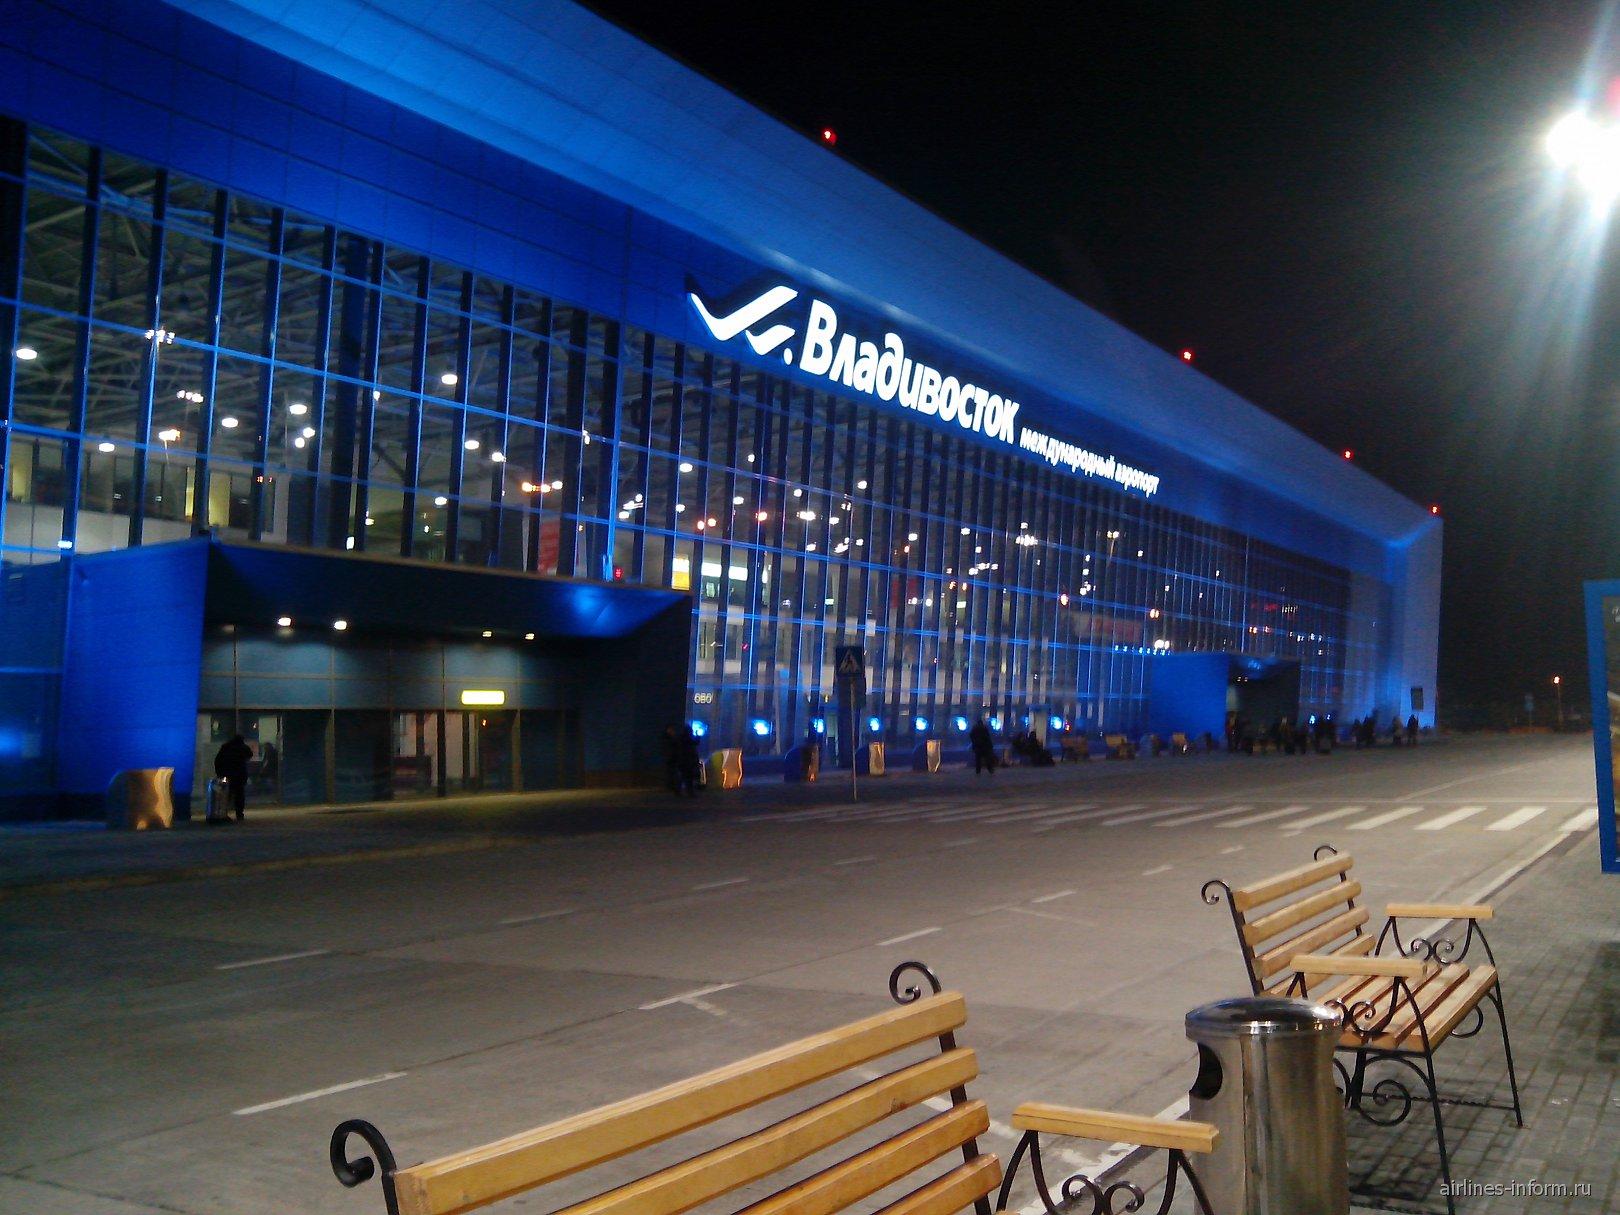 Перелёт Омск-Москва-Владивосток-Москва-Омск. Часть третья: Трансаэро, Владивосток - Москва